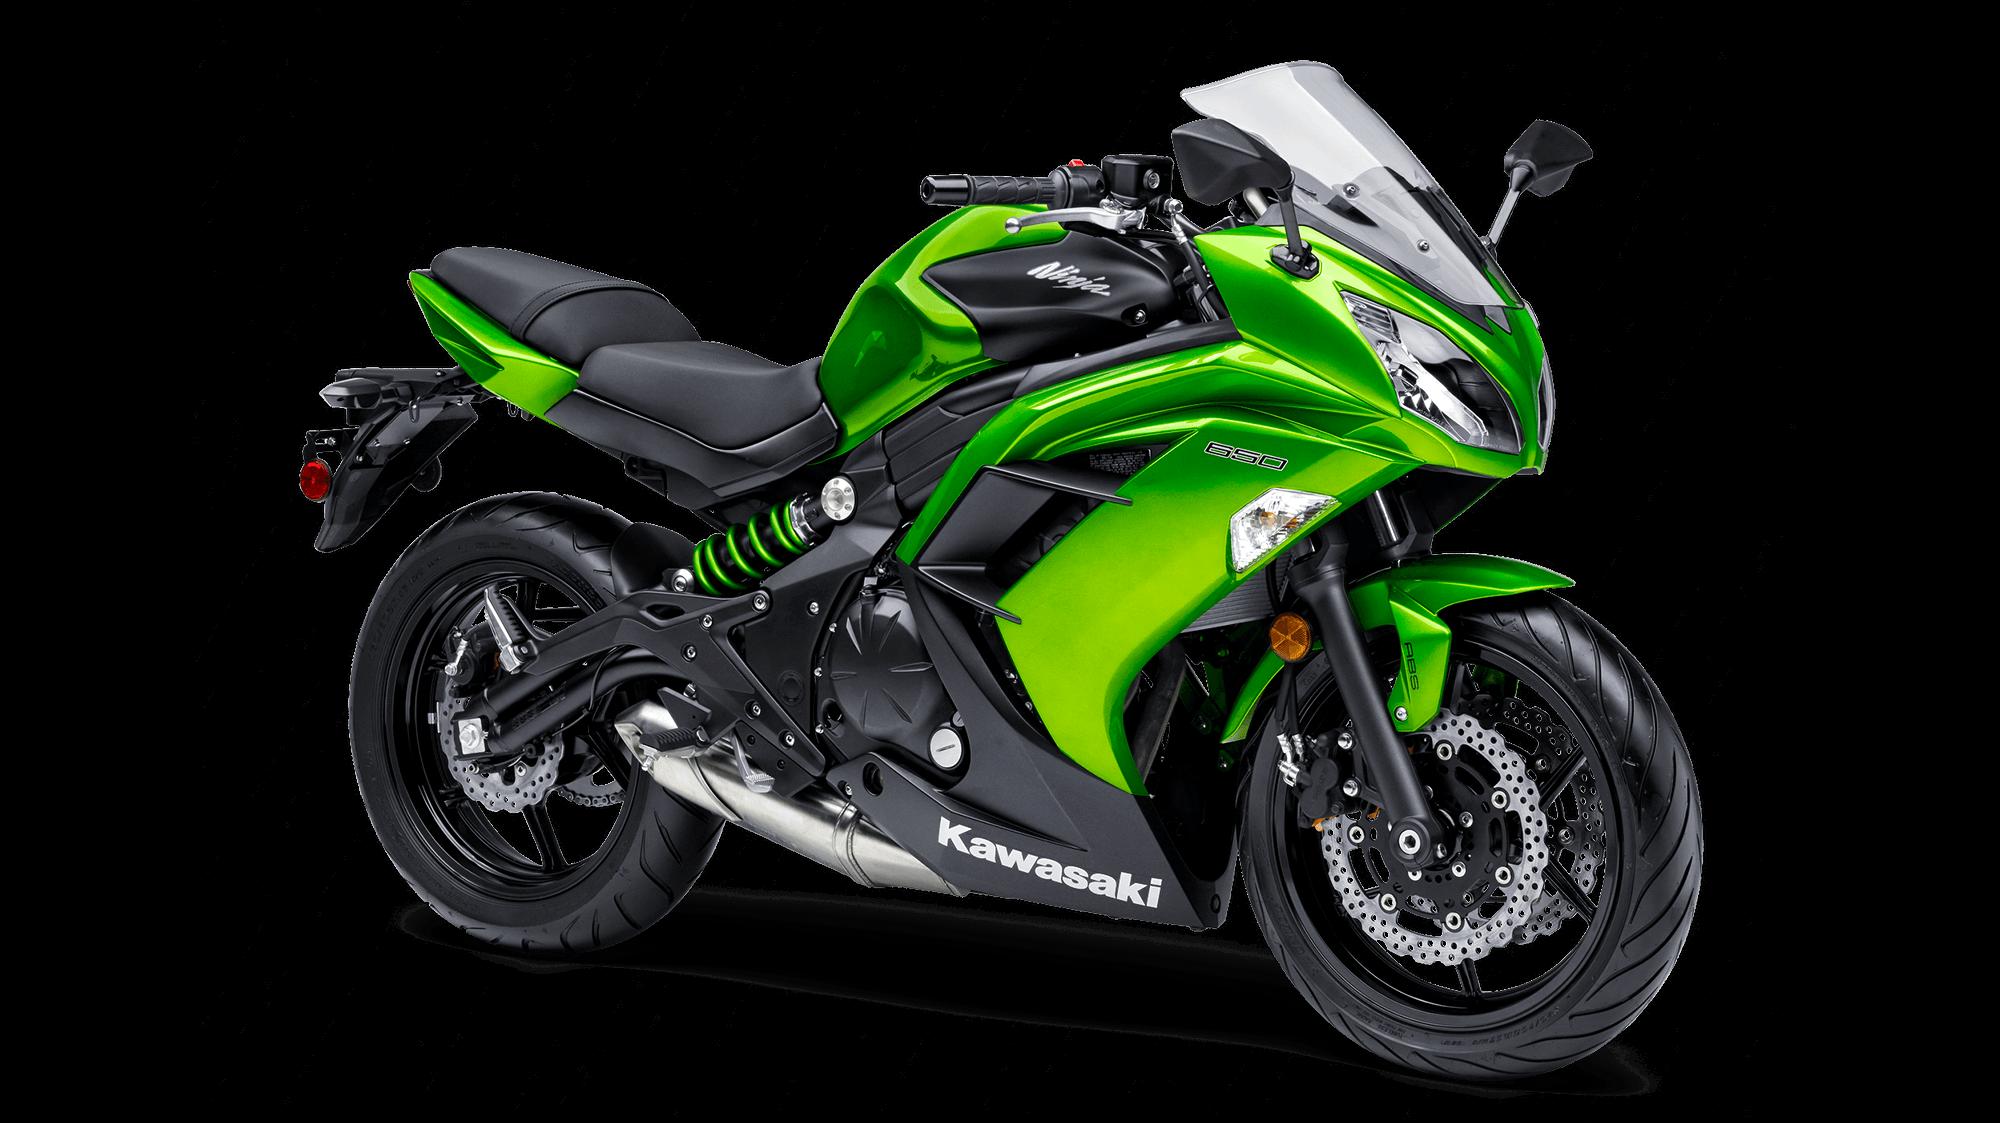 http://gomotorplace.com/wp-content/uploads/2016/09/kawasaki-ninja-650.png